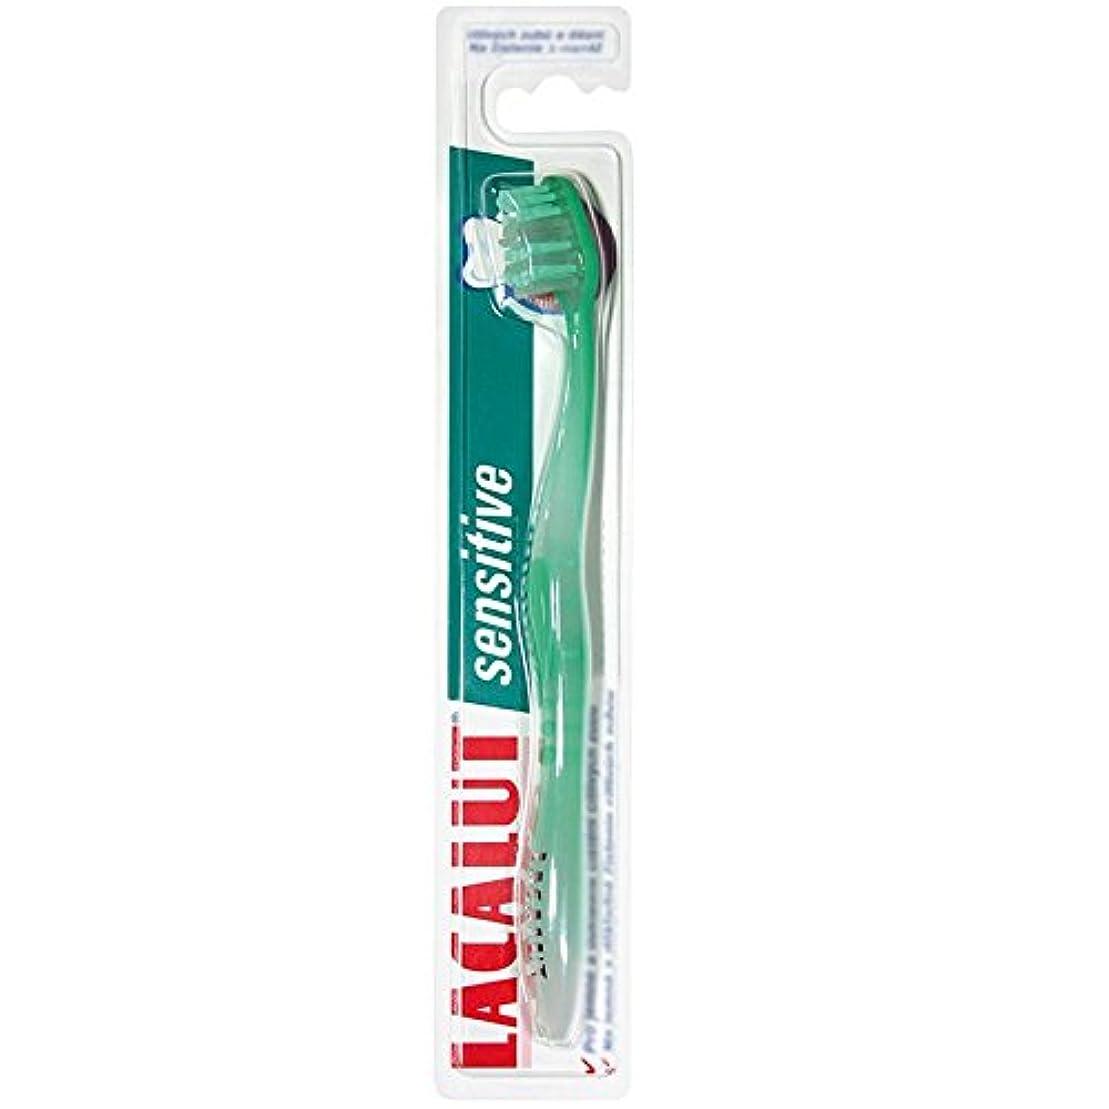 法律によりせがむブリーク6本セット Lacalut sensitive toothbrush 歯ブラシ 敏感な歯用【並行輸入品】